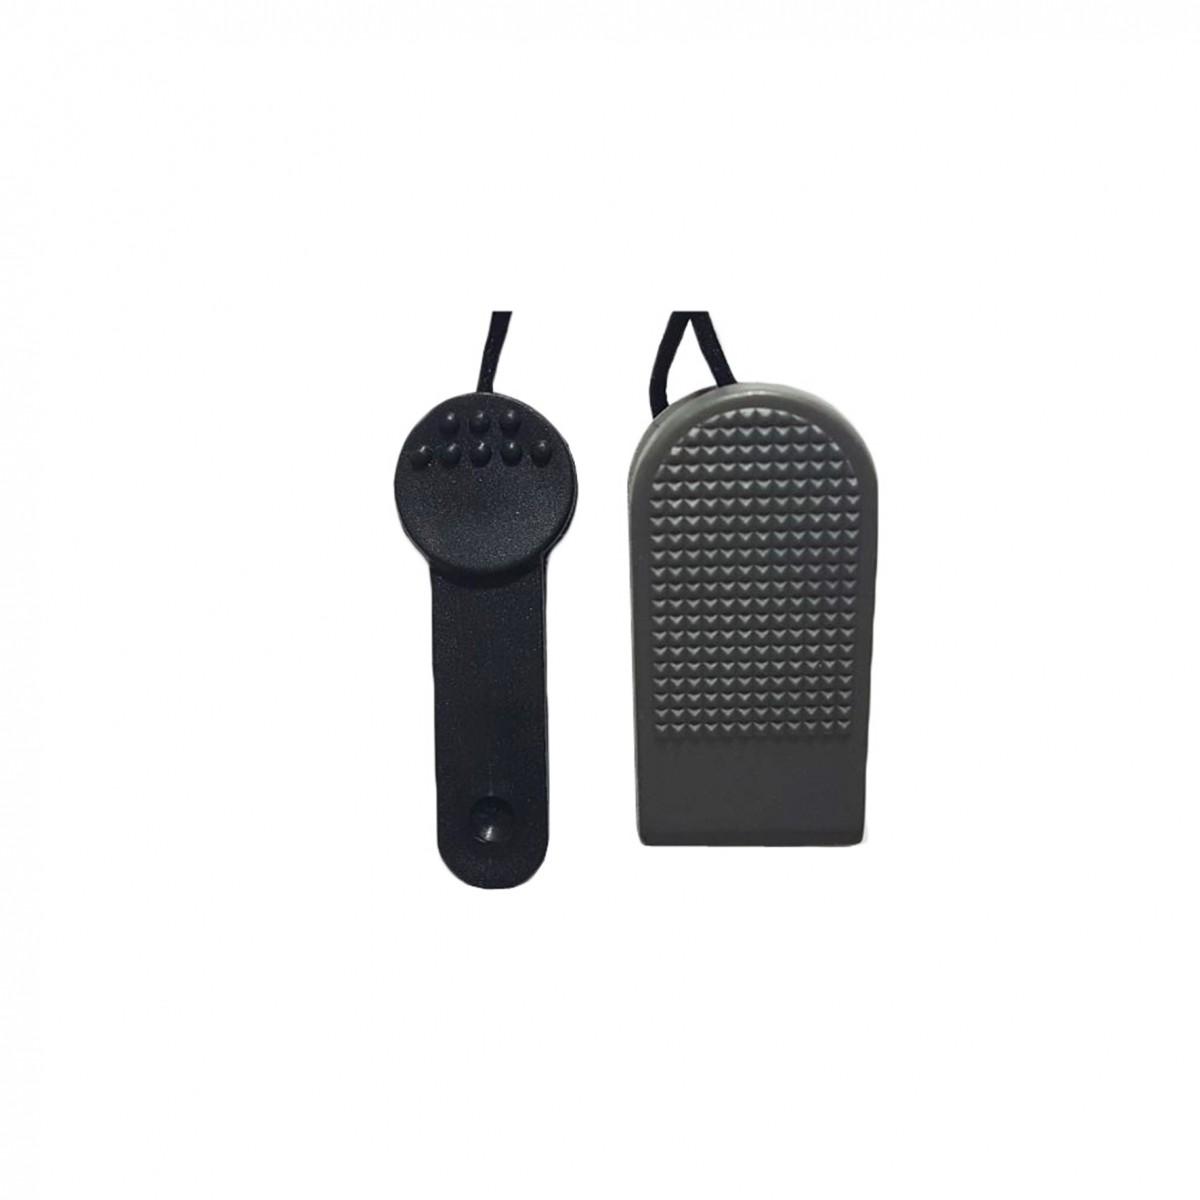 Chave De Segurança Esteira Movement E 740 e LX 160 G3